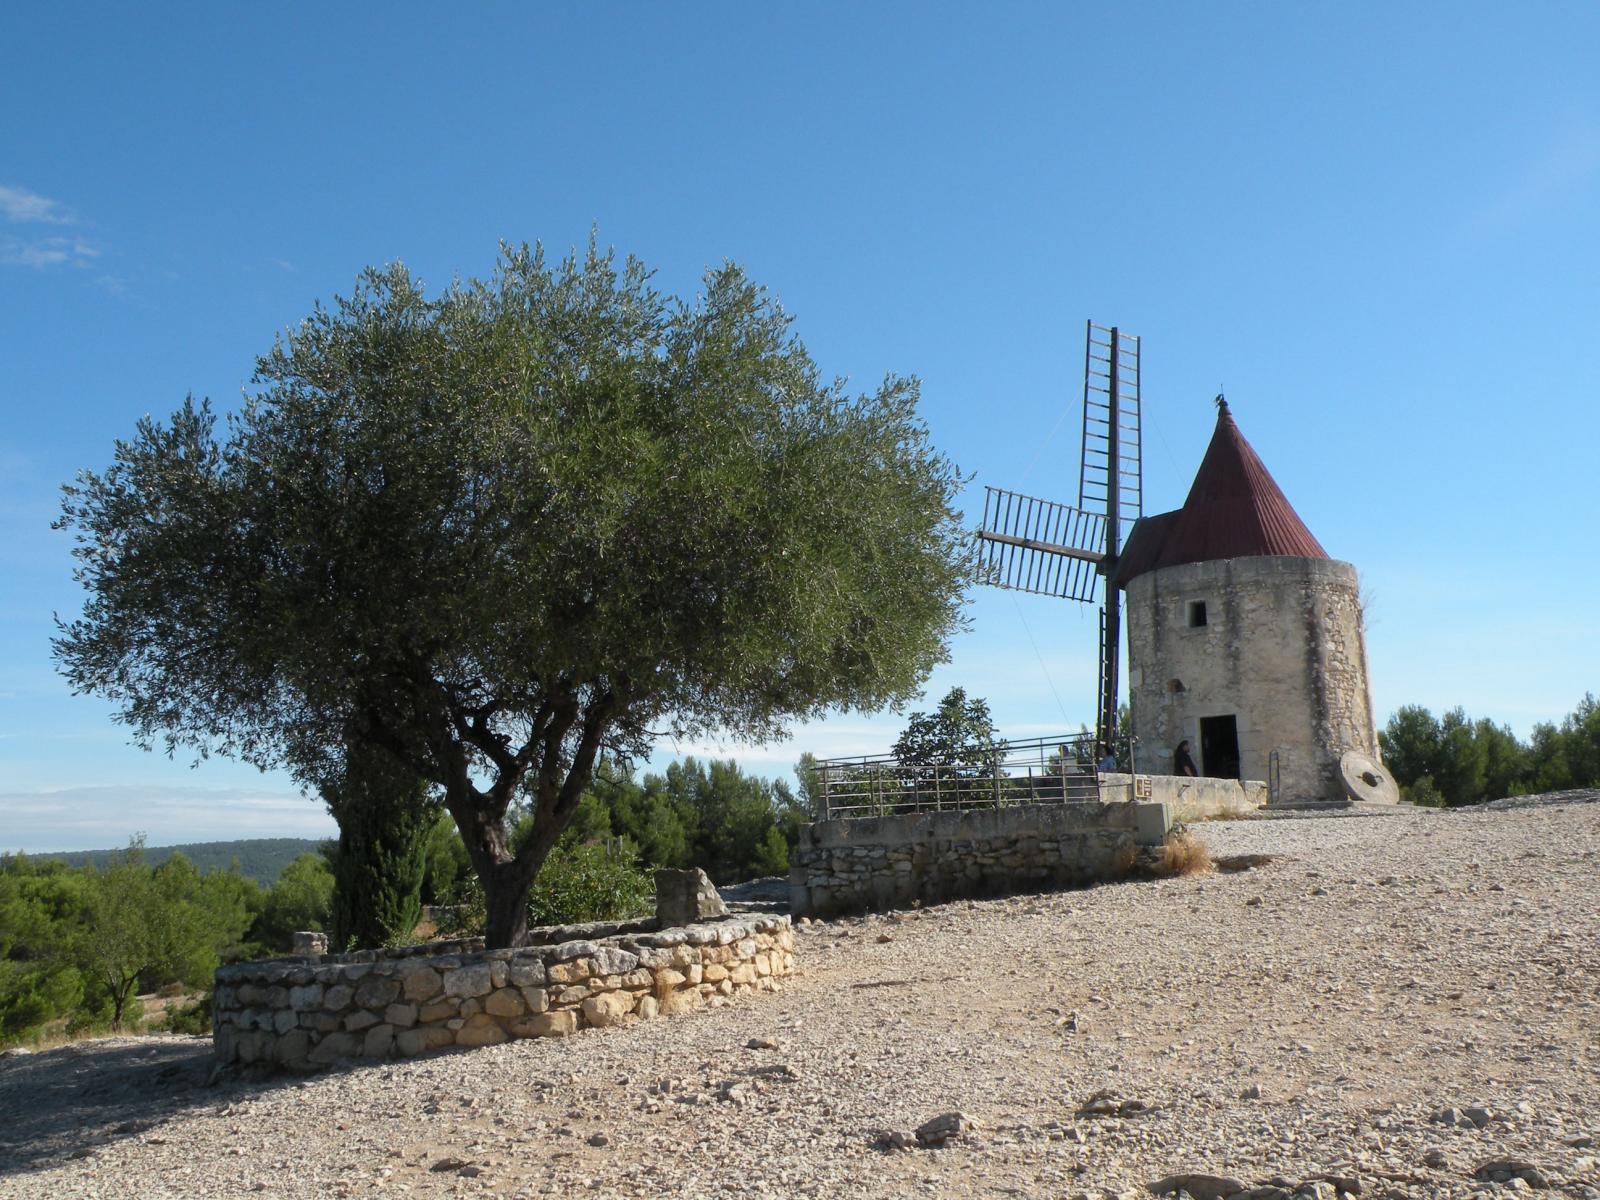 Moulin d 39 alphonse daudet fontvieille 13990 bouches du for Ca bouche du rhone